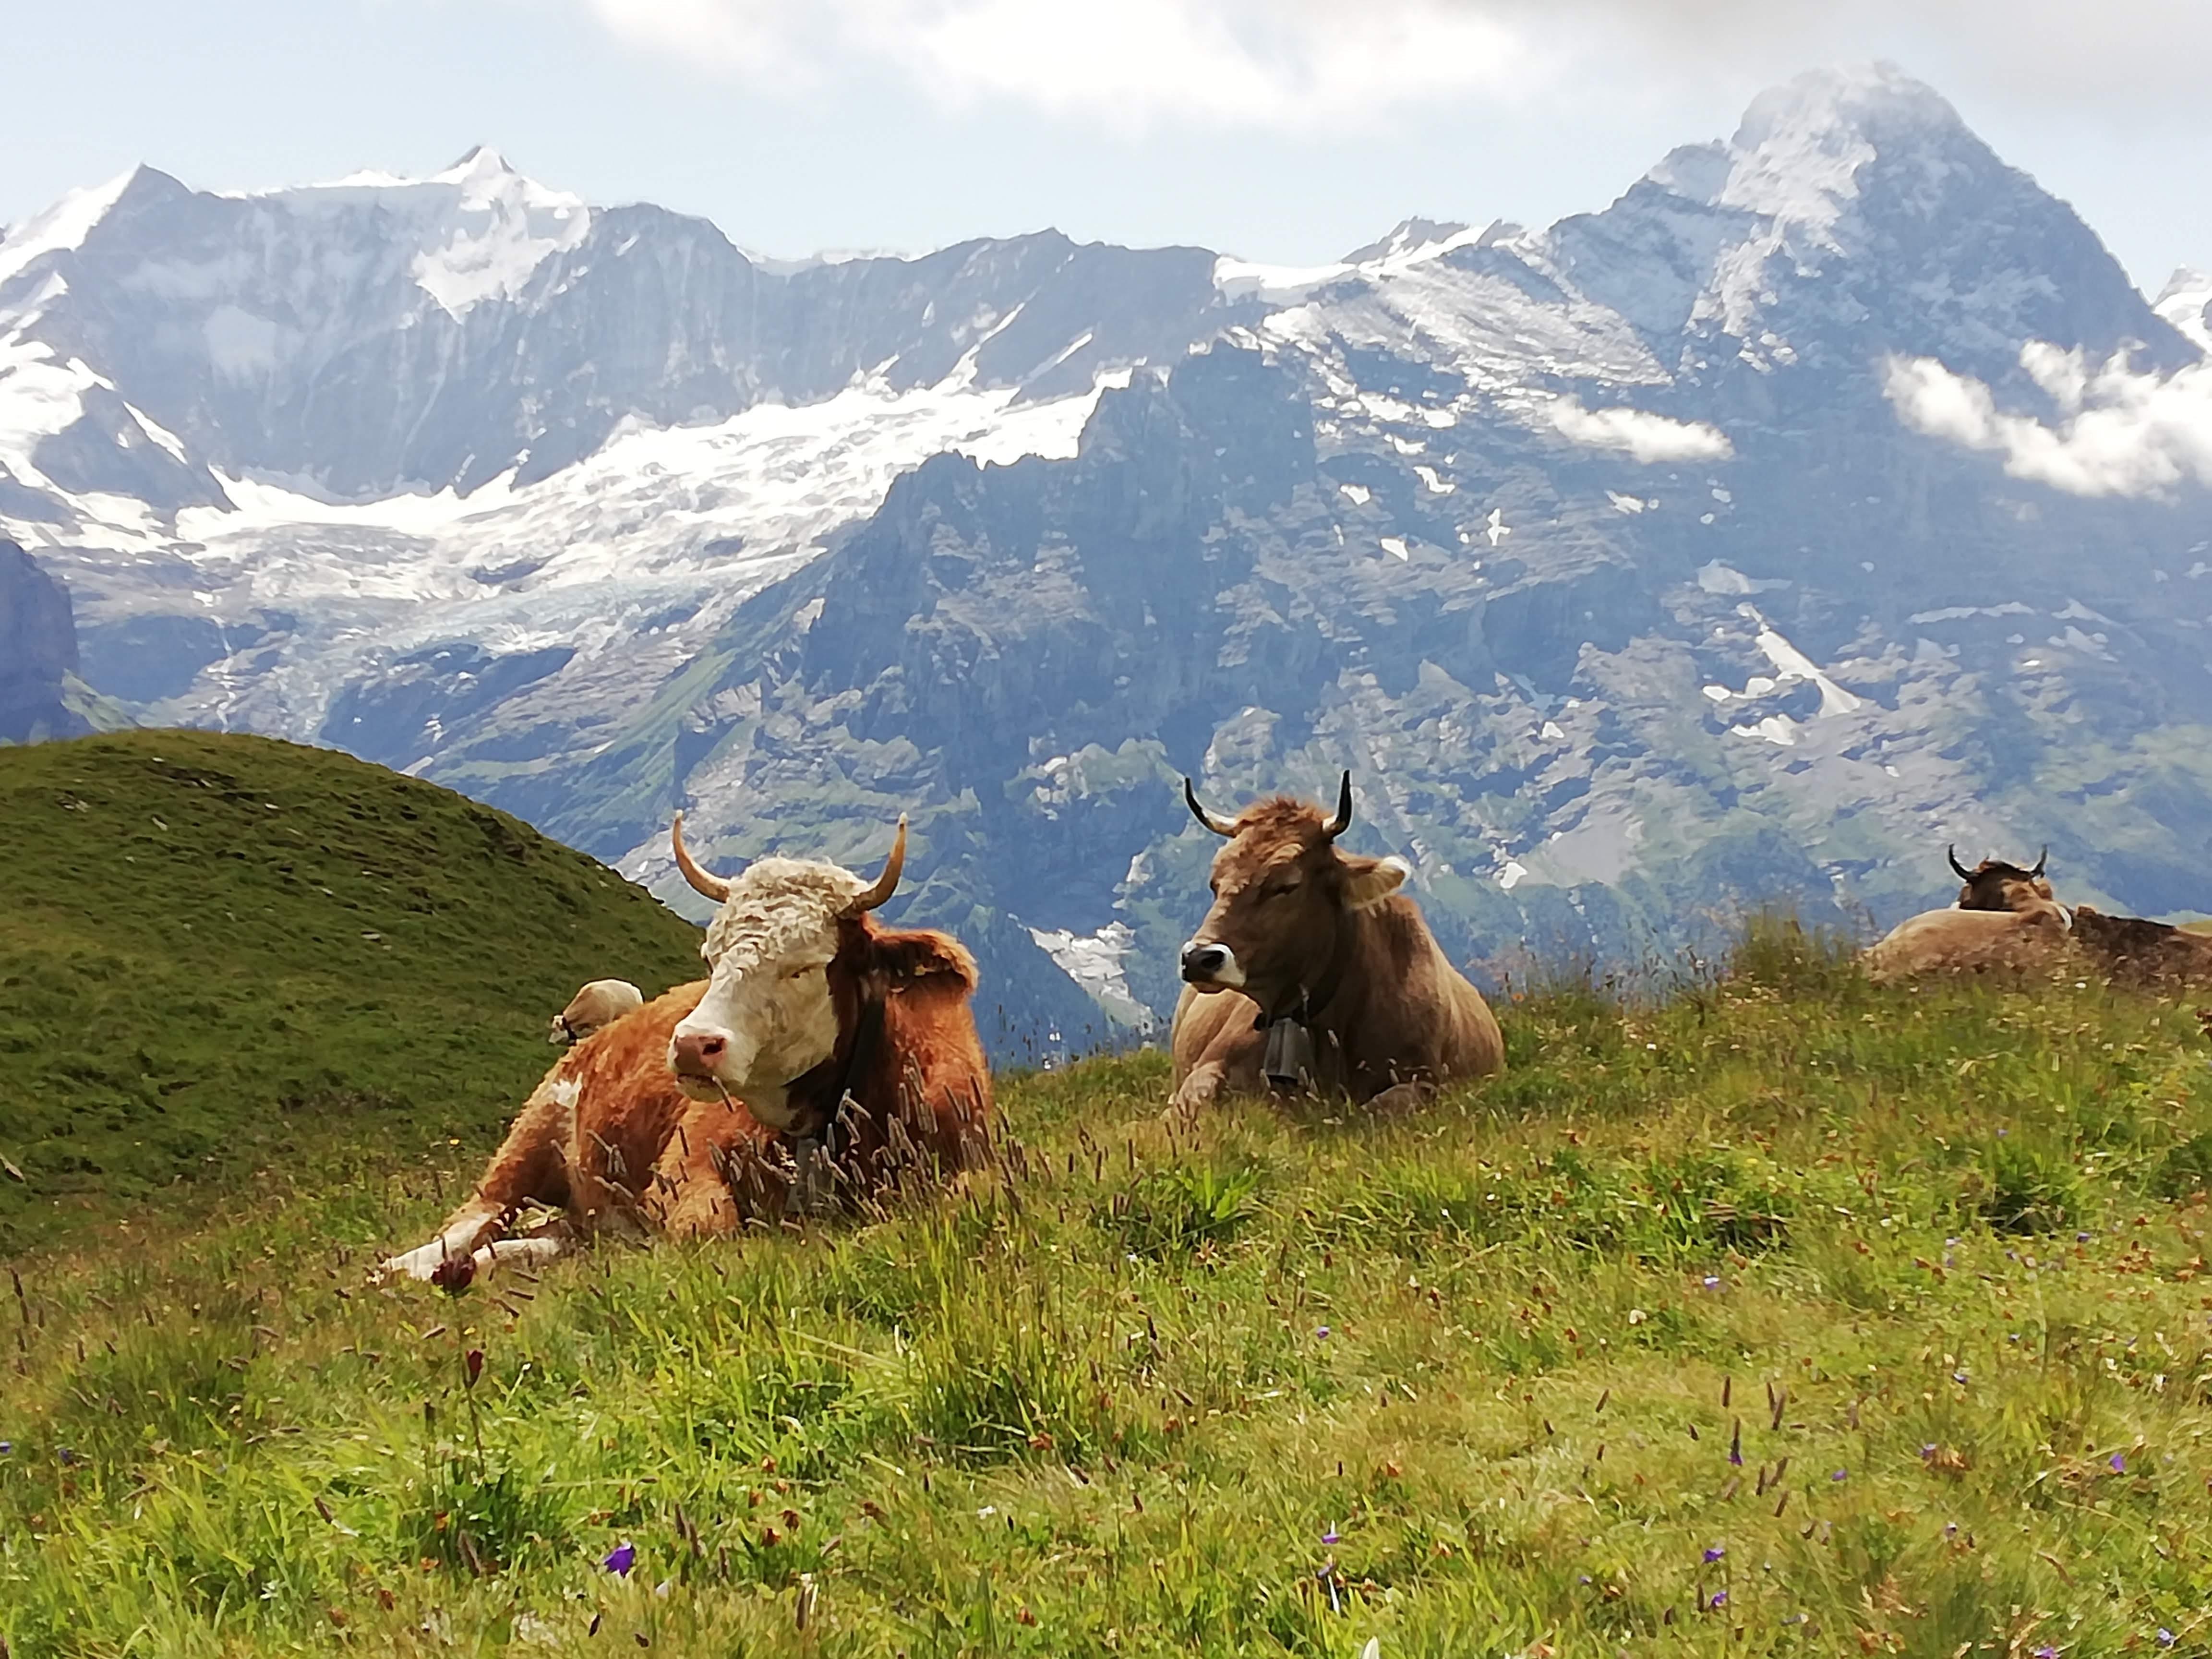 Appartement de vacances Schulerszaun 1 2 Bett Wohnung (2691731), Grindelwald, Région de la Jungfrau, Oberland bernois, Suisse, image 4